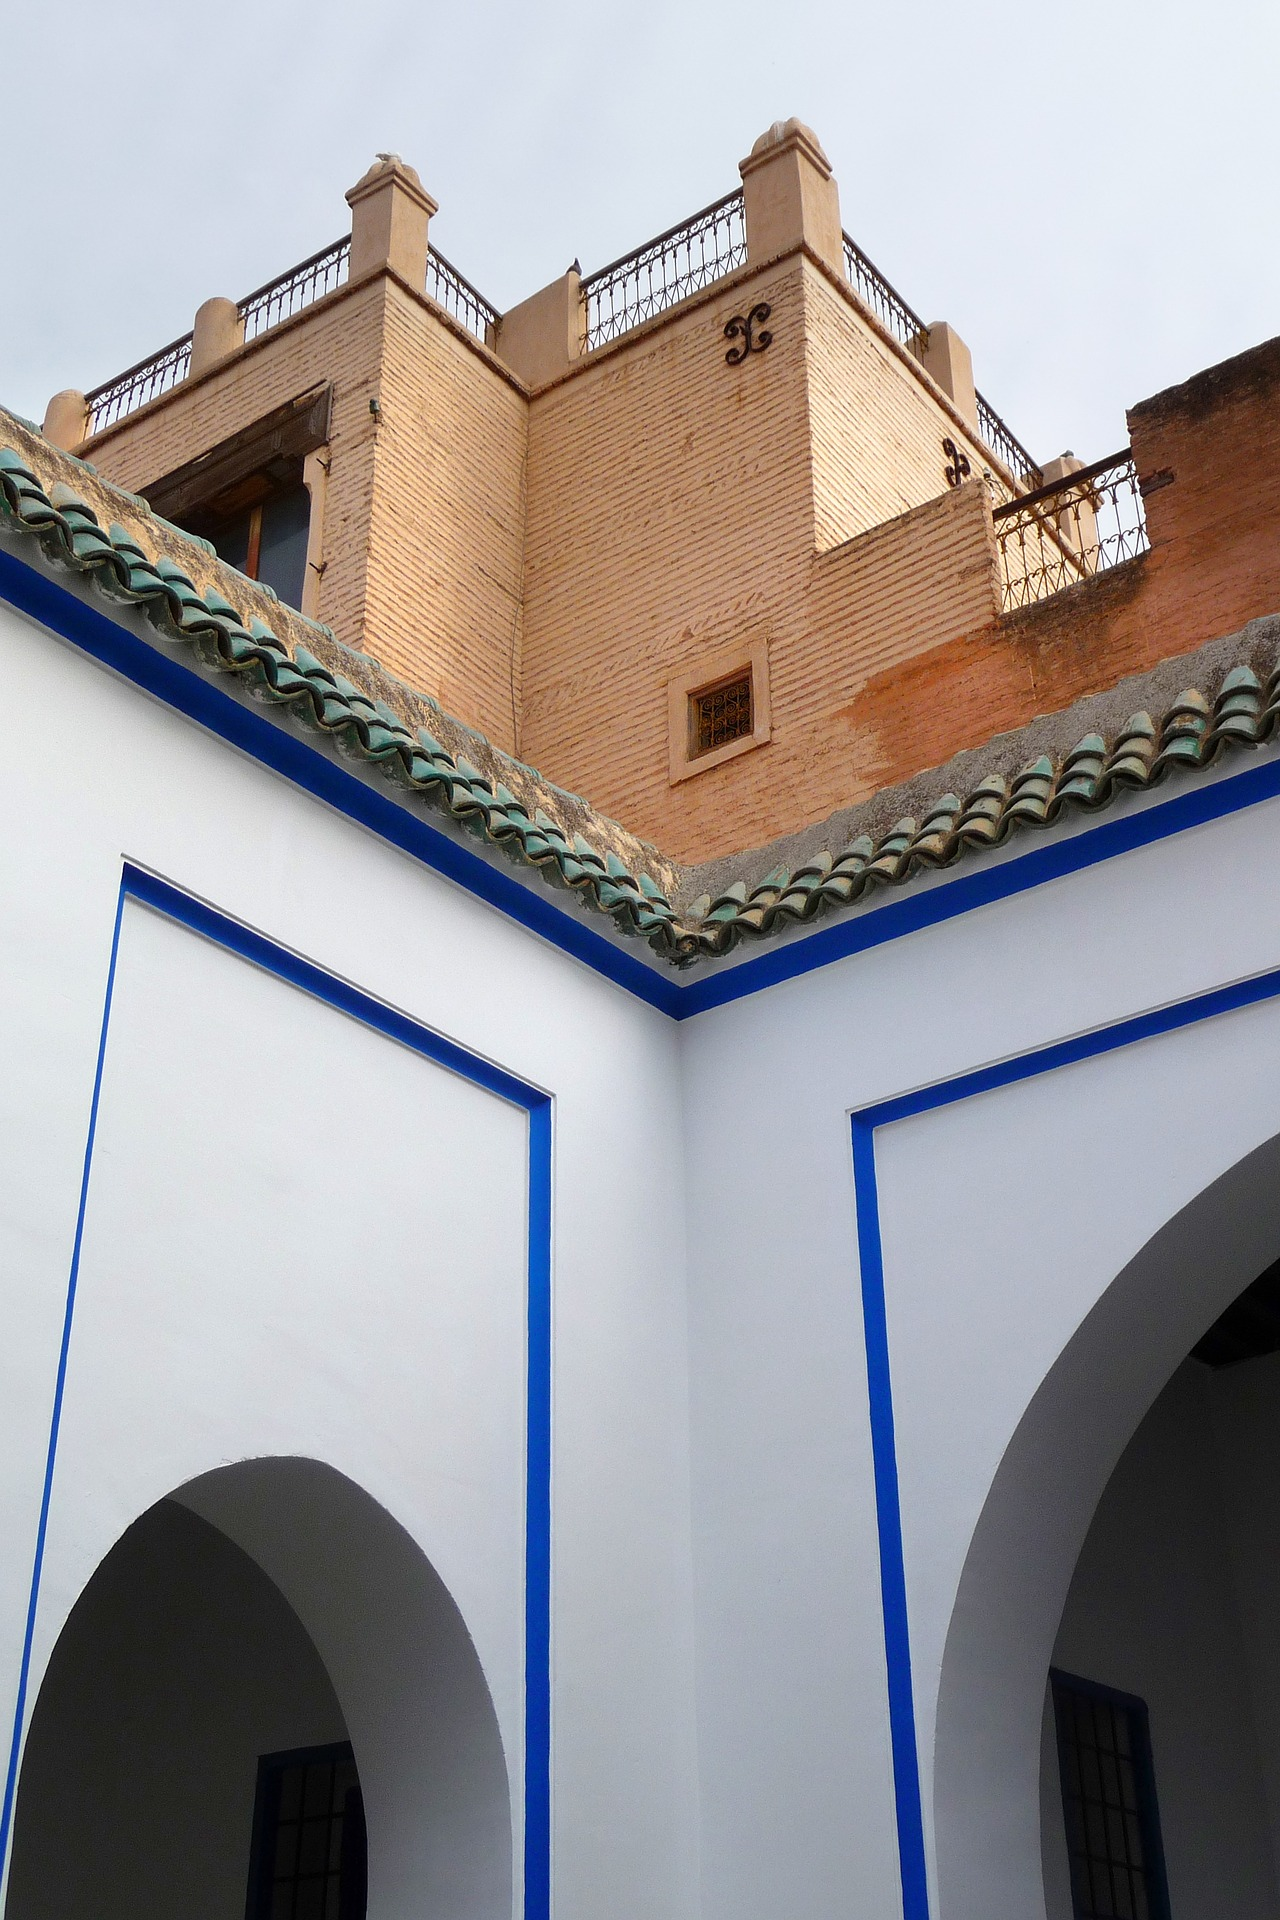 beautyblog-beauty-blog-bare-minds-elina-neumann-marrakesch-marokko-3